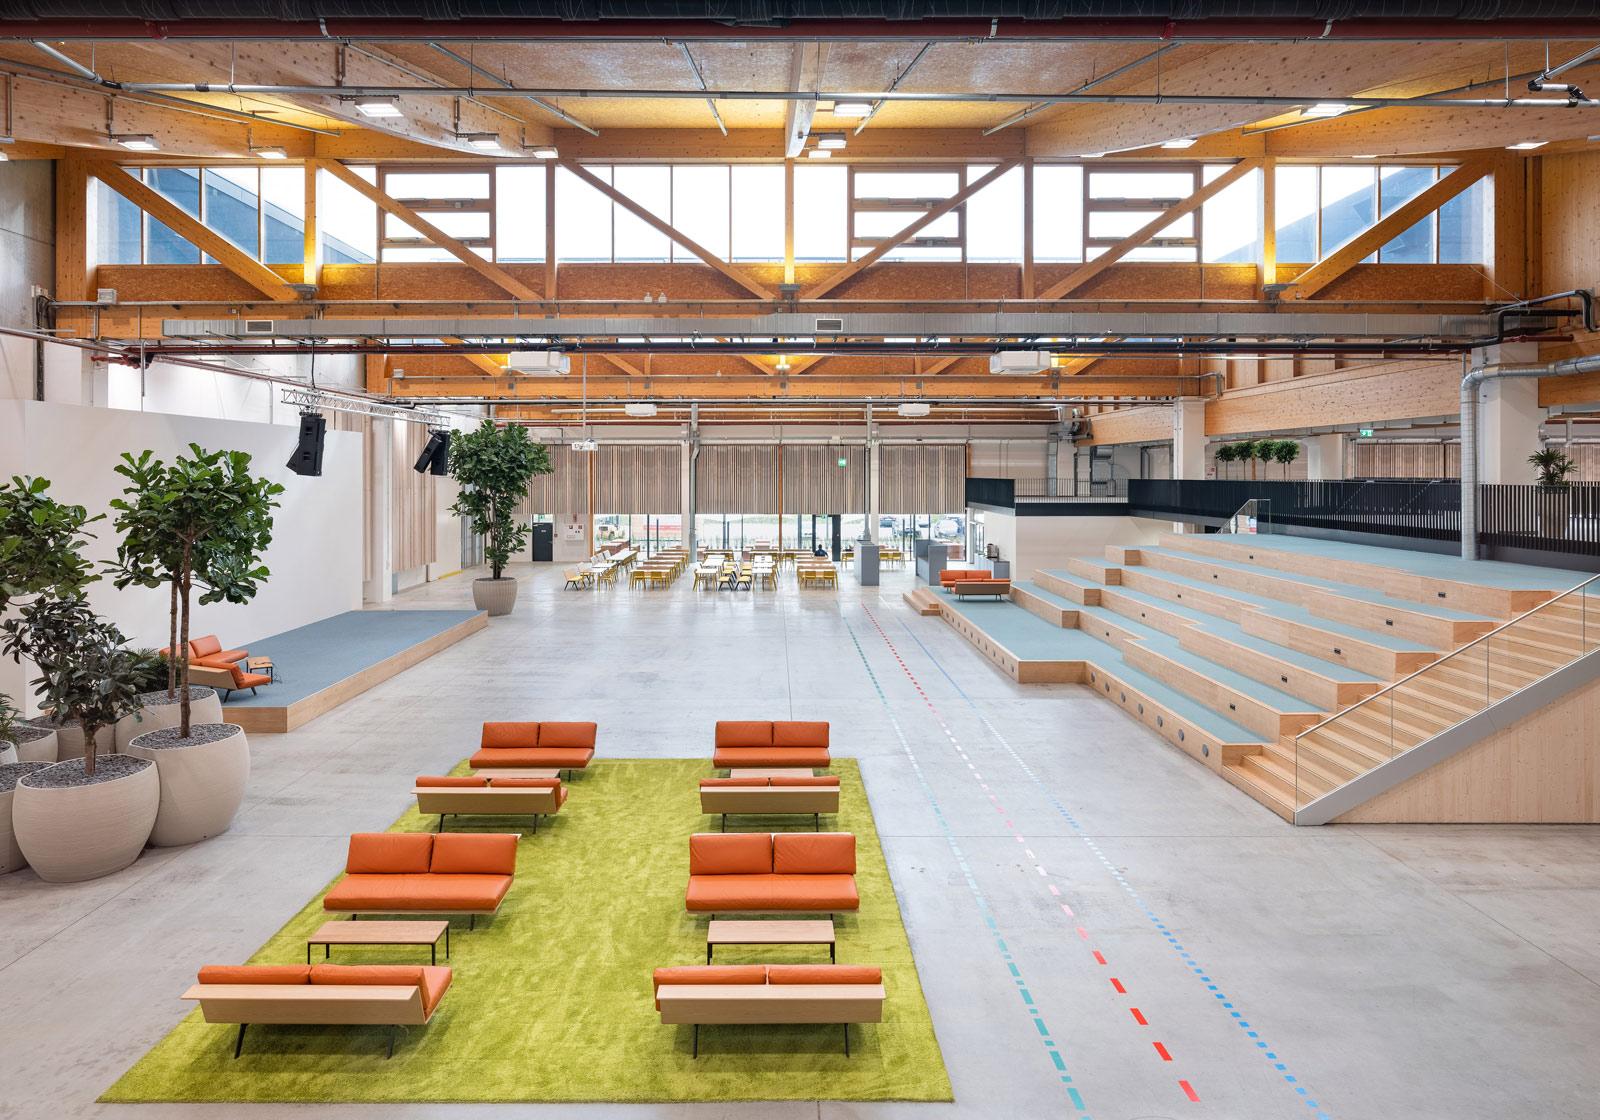 Unter dem sieben Meter hohen Sheddach ist viel Platz für kreatives Arbeiten. Credits: ATP/Pierer